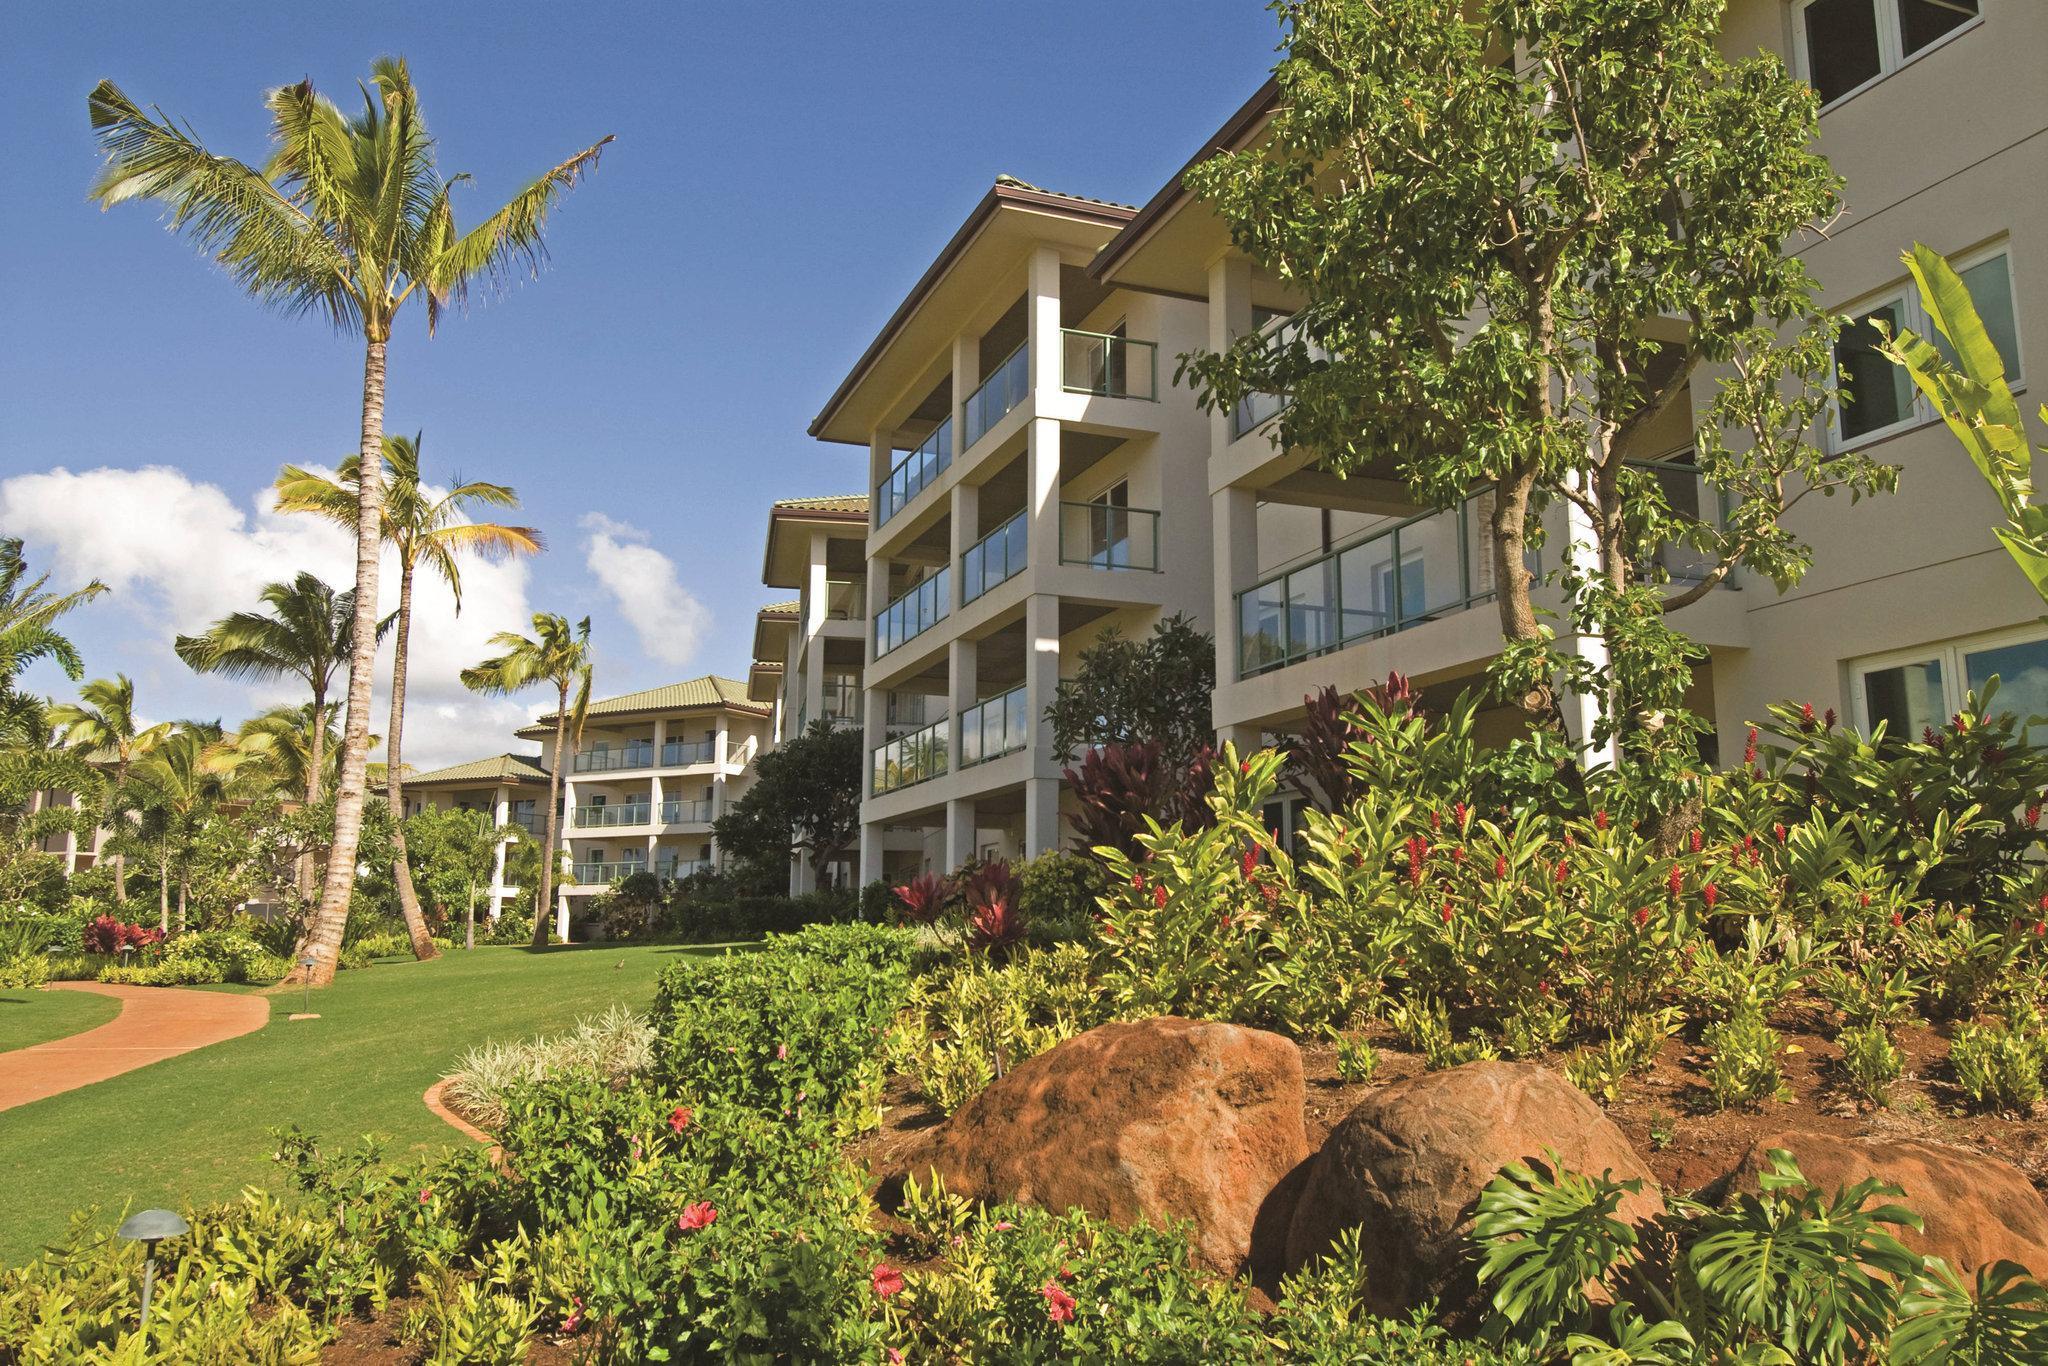 Marriott's Kauai Lagoons   Kalanipu'u